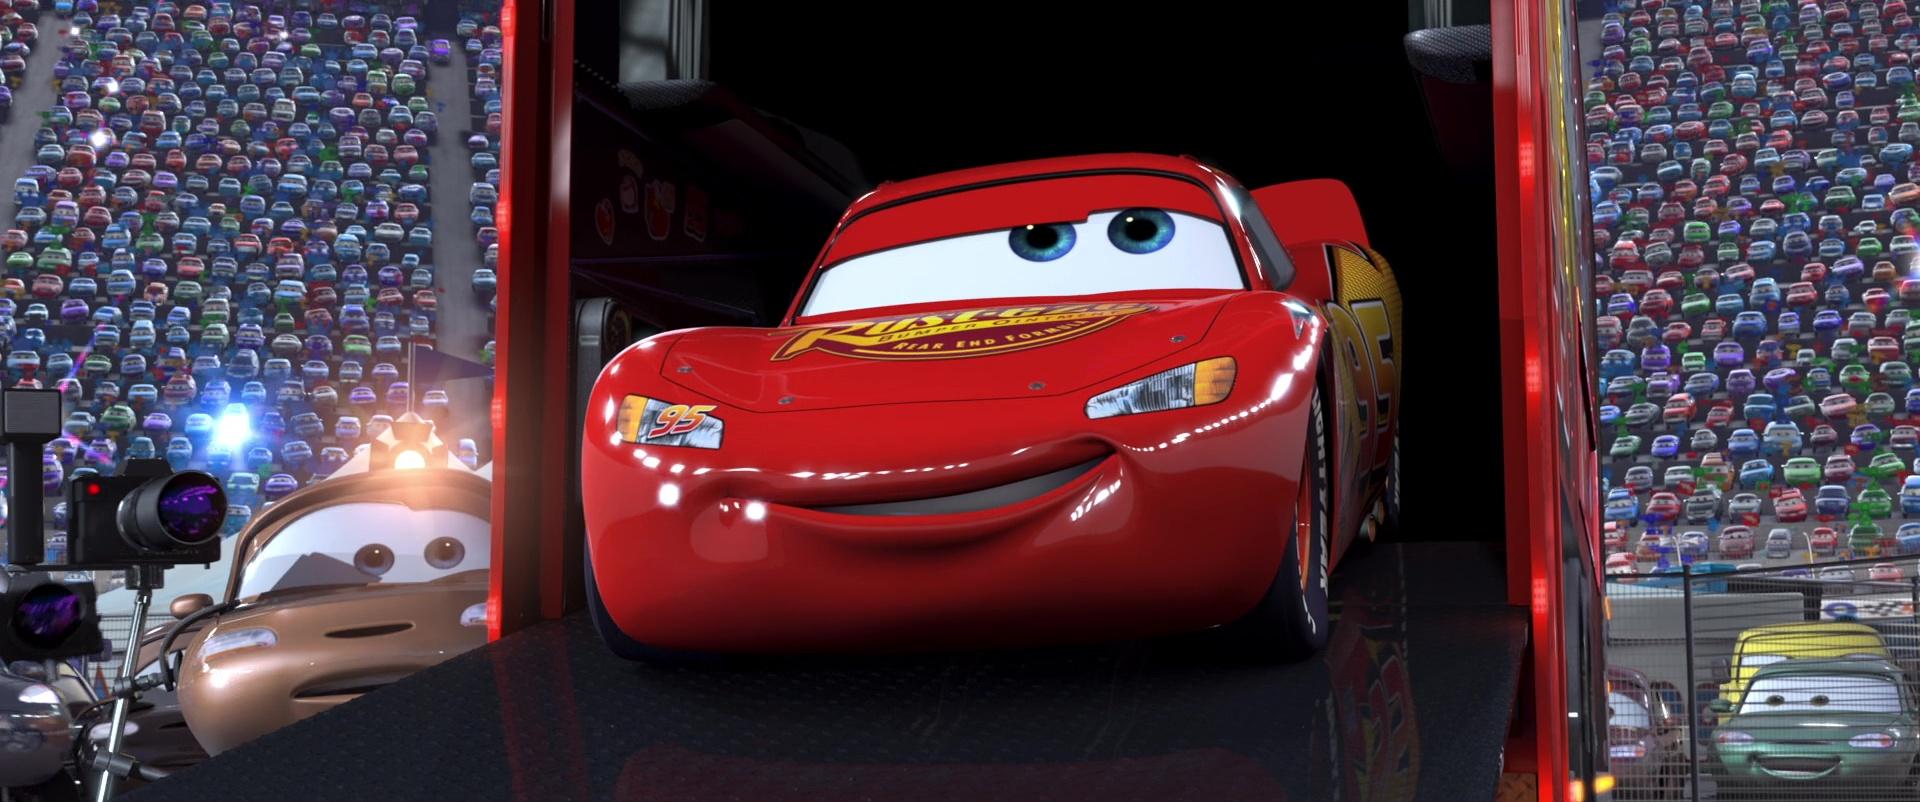 Tập tin:Lightning-McQueen-lightning-mcqueen-26226724-500-208.jpg